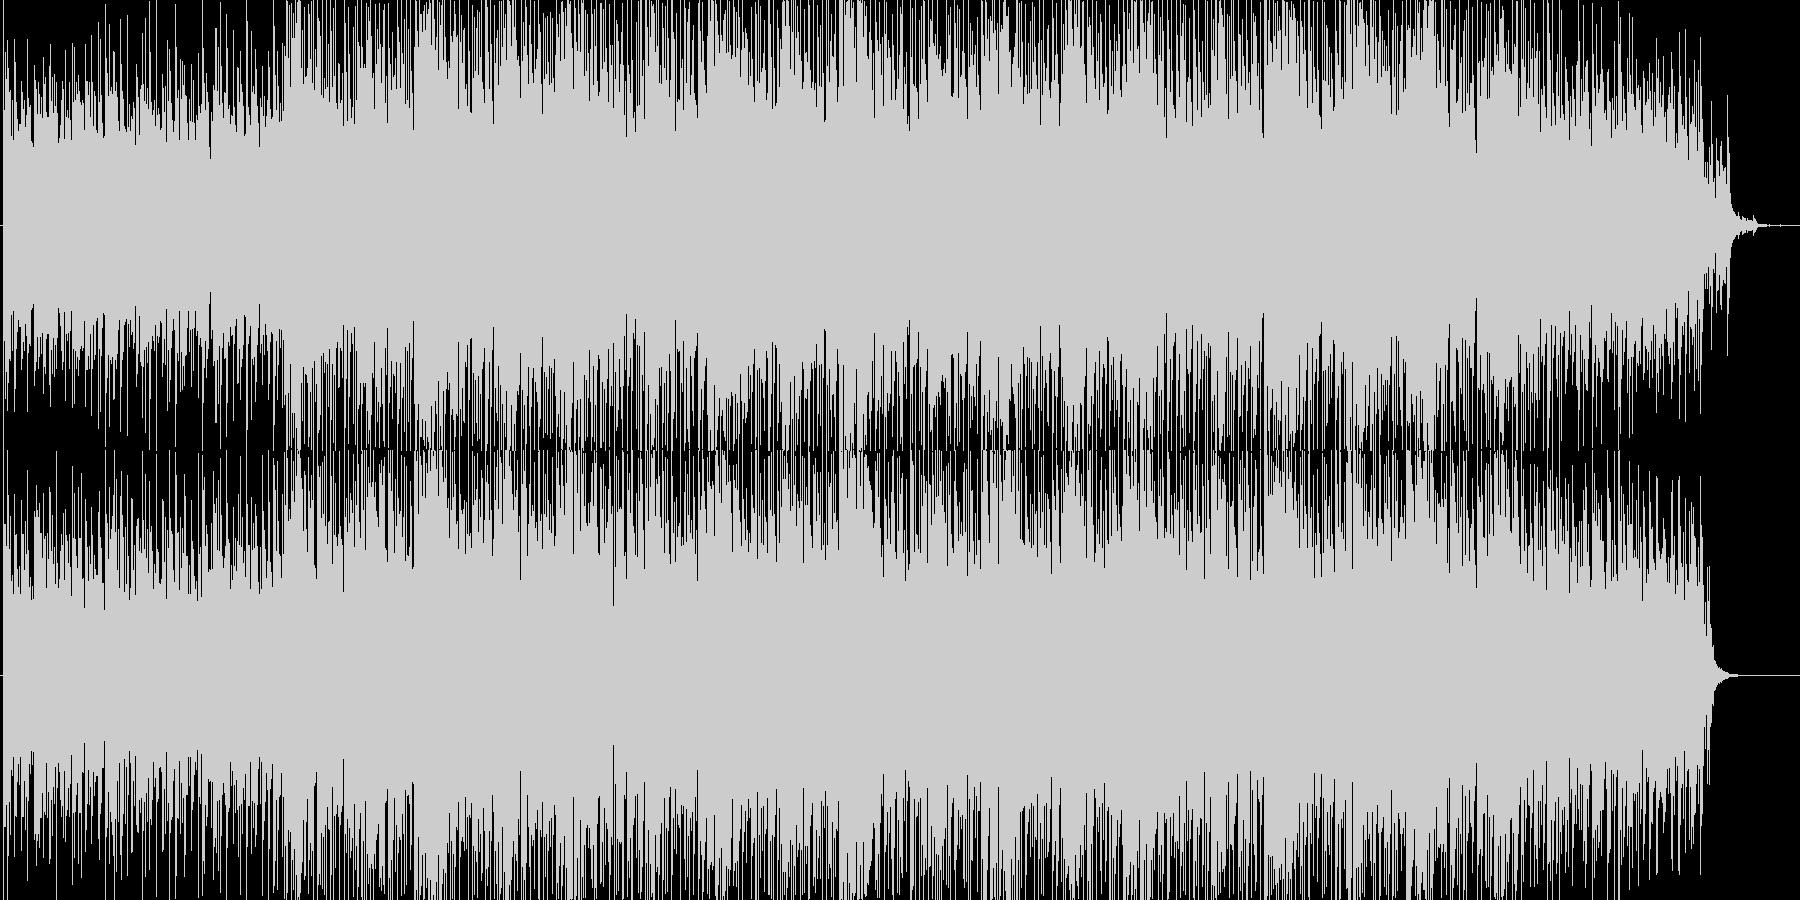 緊迫感・映像・解説・ナレーション用の未再生の波形